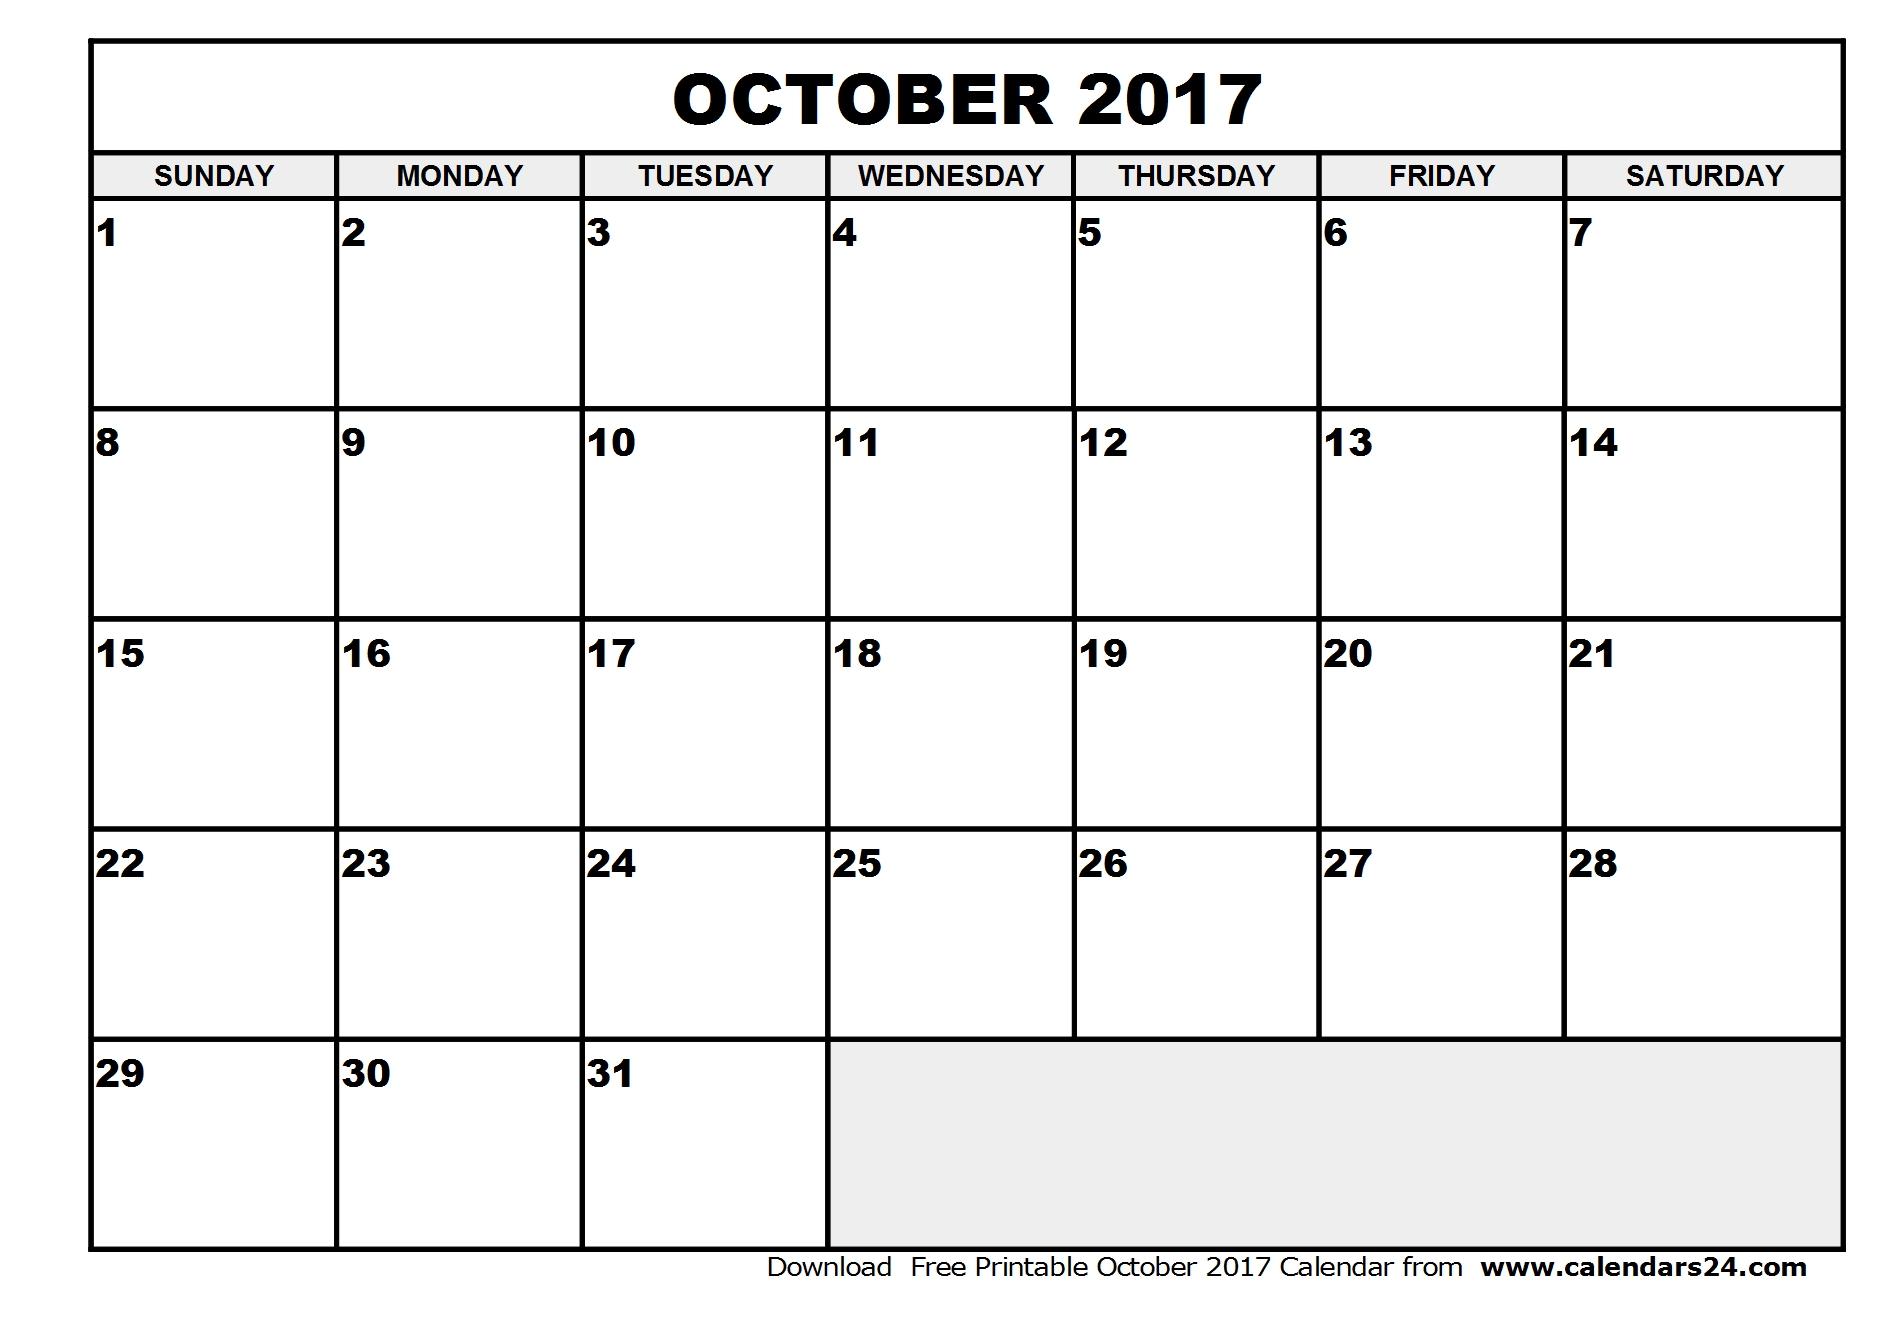 October 2017 Calendar Template | weekly calendar template